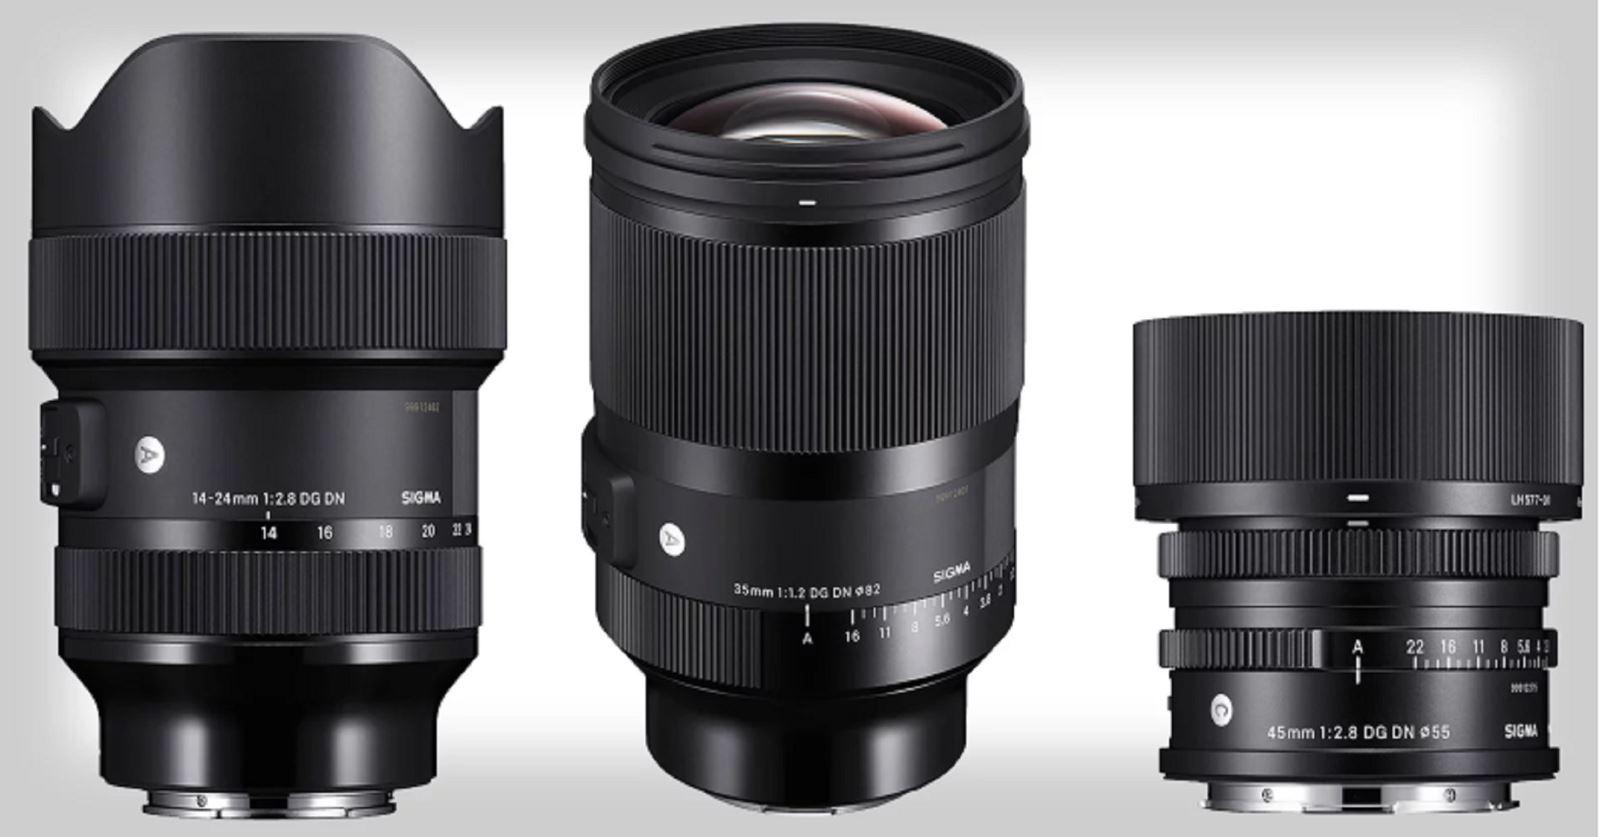 Sigma ra mắt 3 ống kính mới 35mm F1.2, 45mm F2.8 và 14-24mmcho dòng Sony E và Leica L